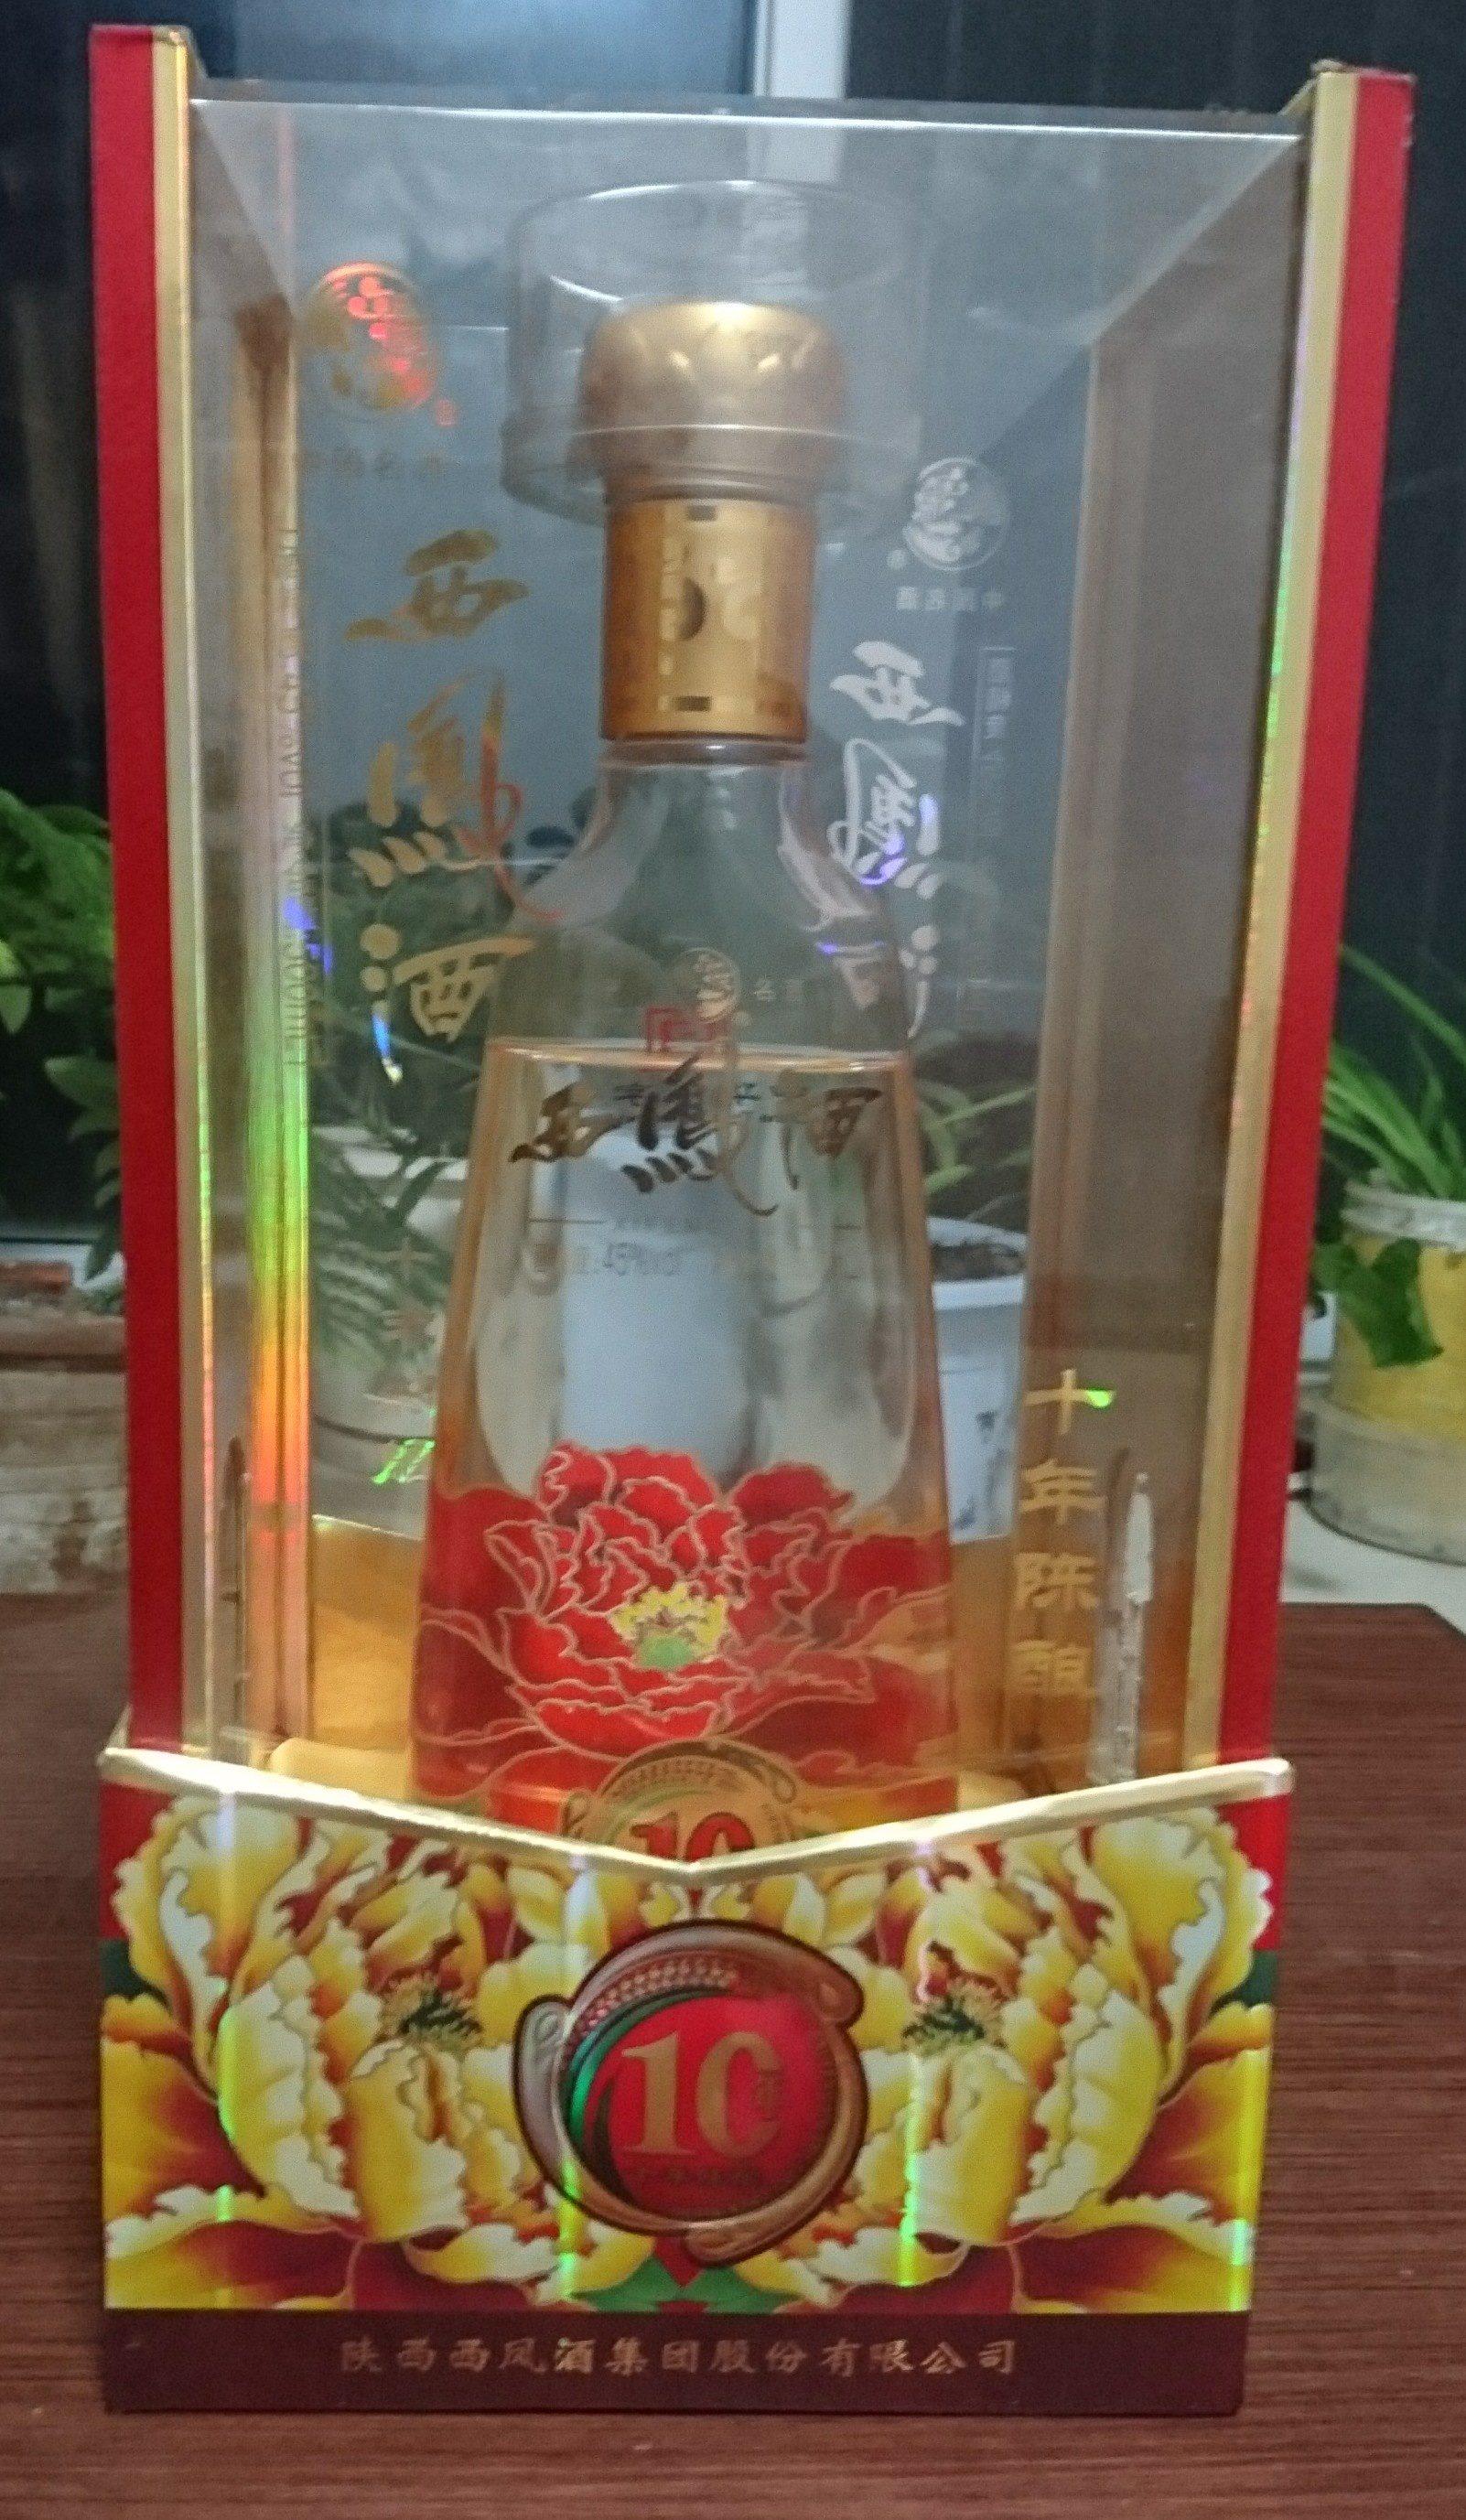 西凤酒凤香型十年陈酿 - Product